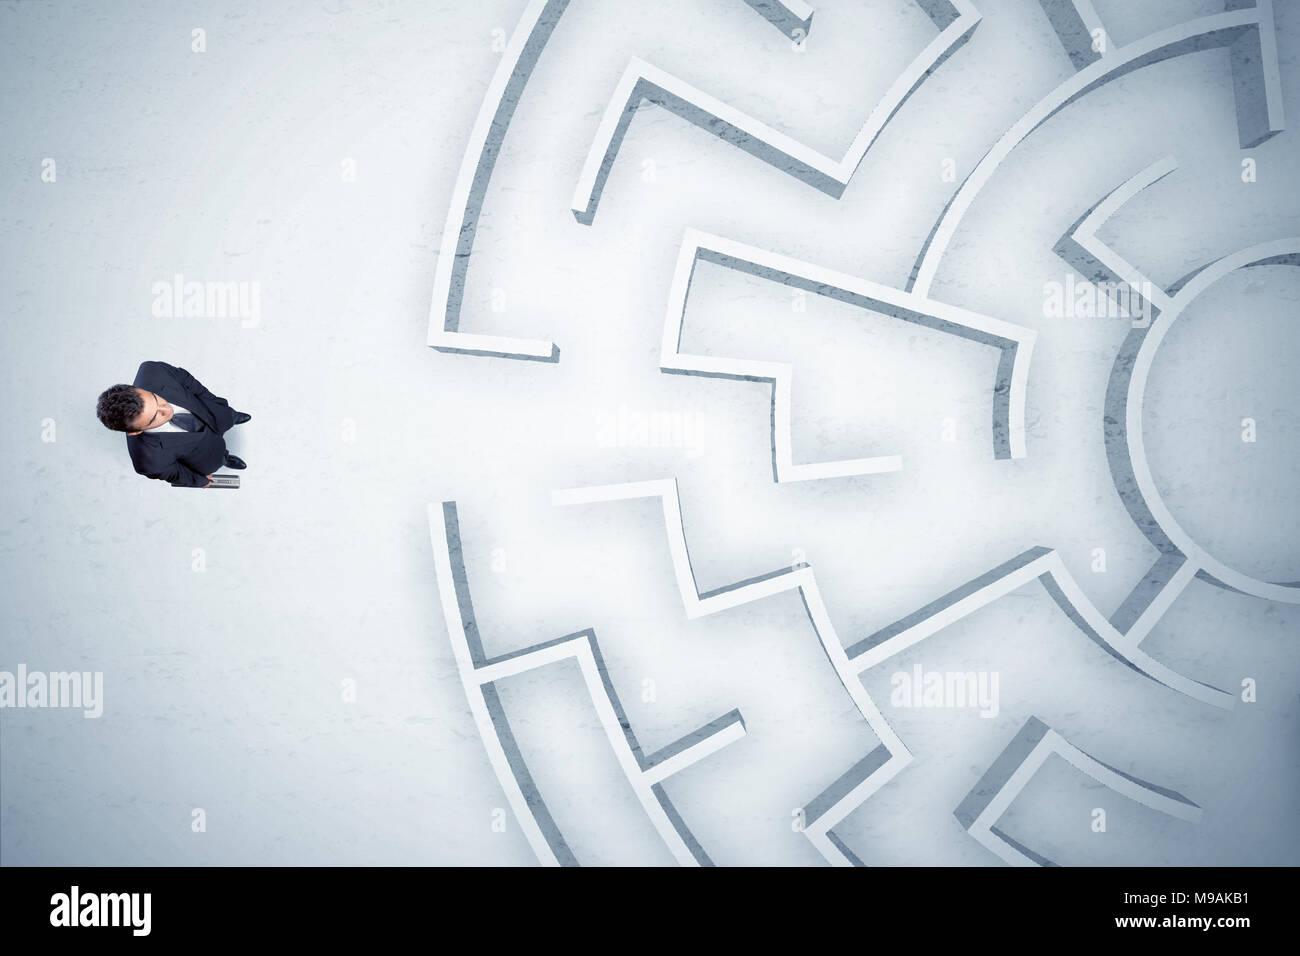 Affari stressante un uomo guarda il labirinto circolare con nessun posto dove andare Immagini Stock